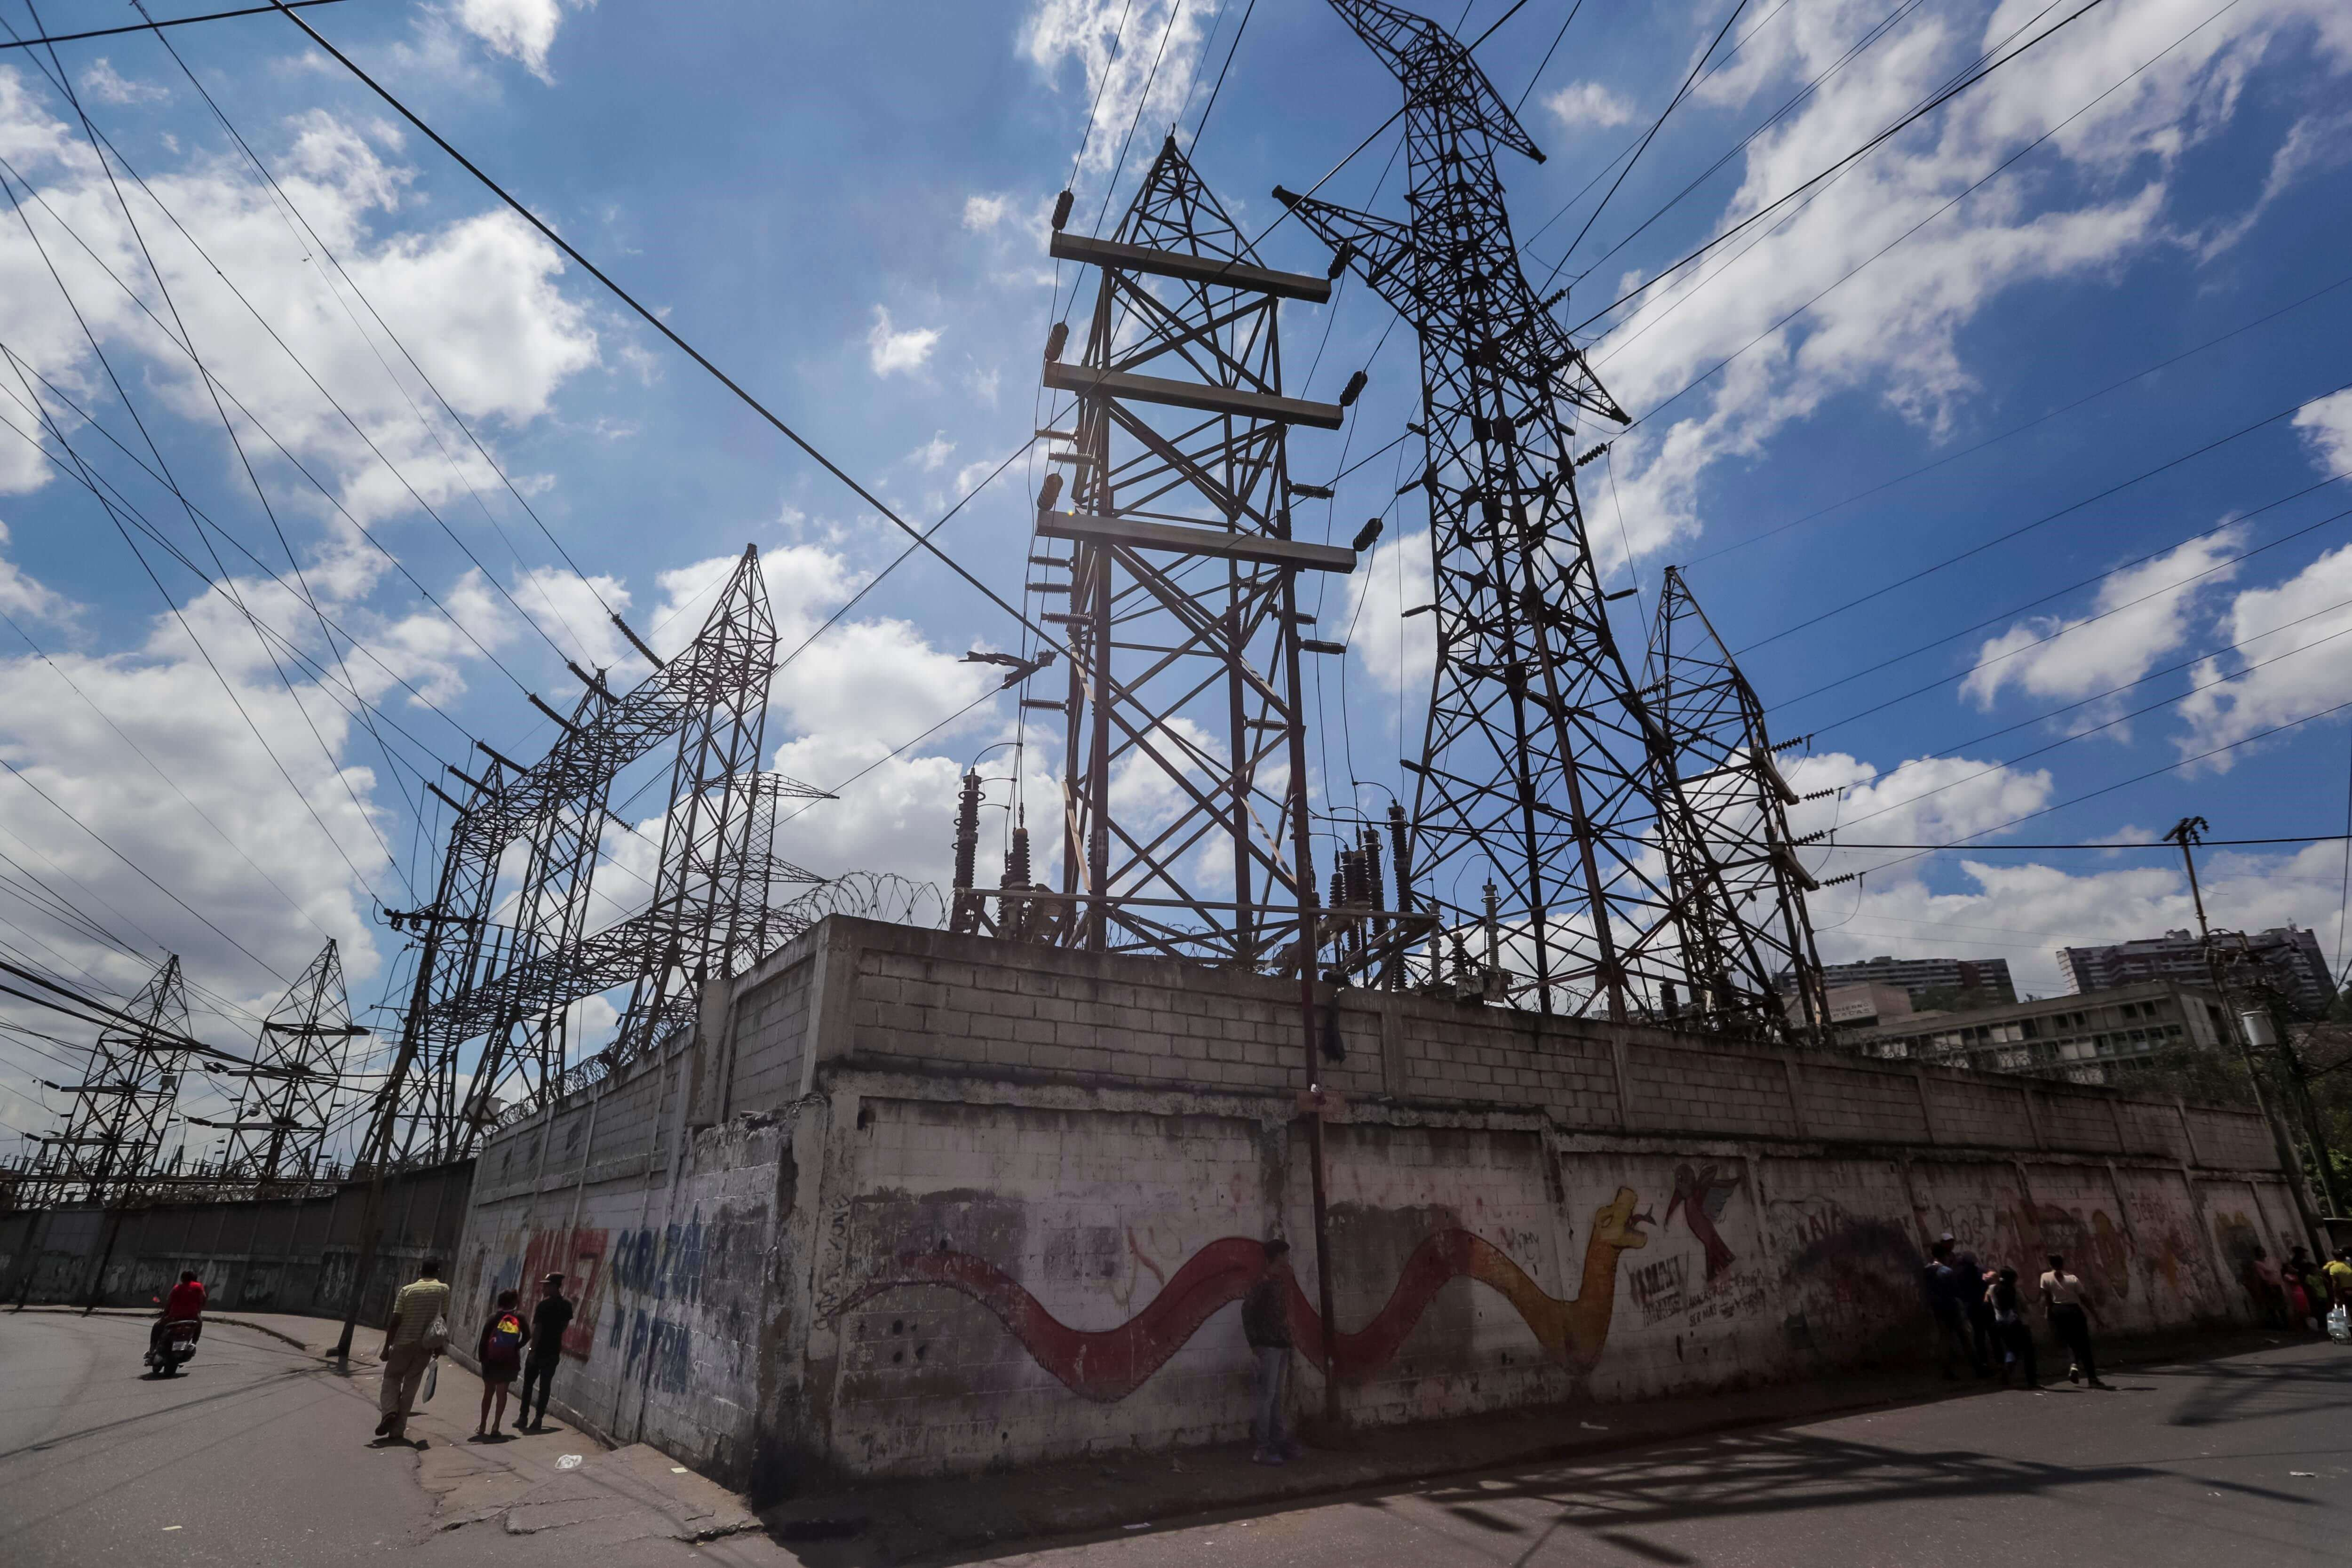 Gobierno venezolano anuncia modernización del sistema eléctrico tras apagones